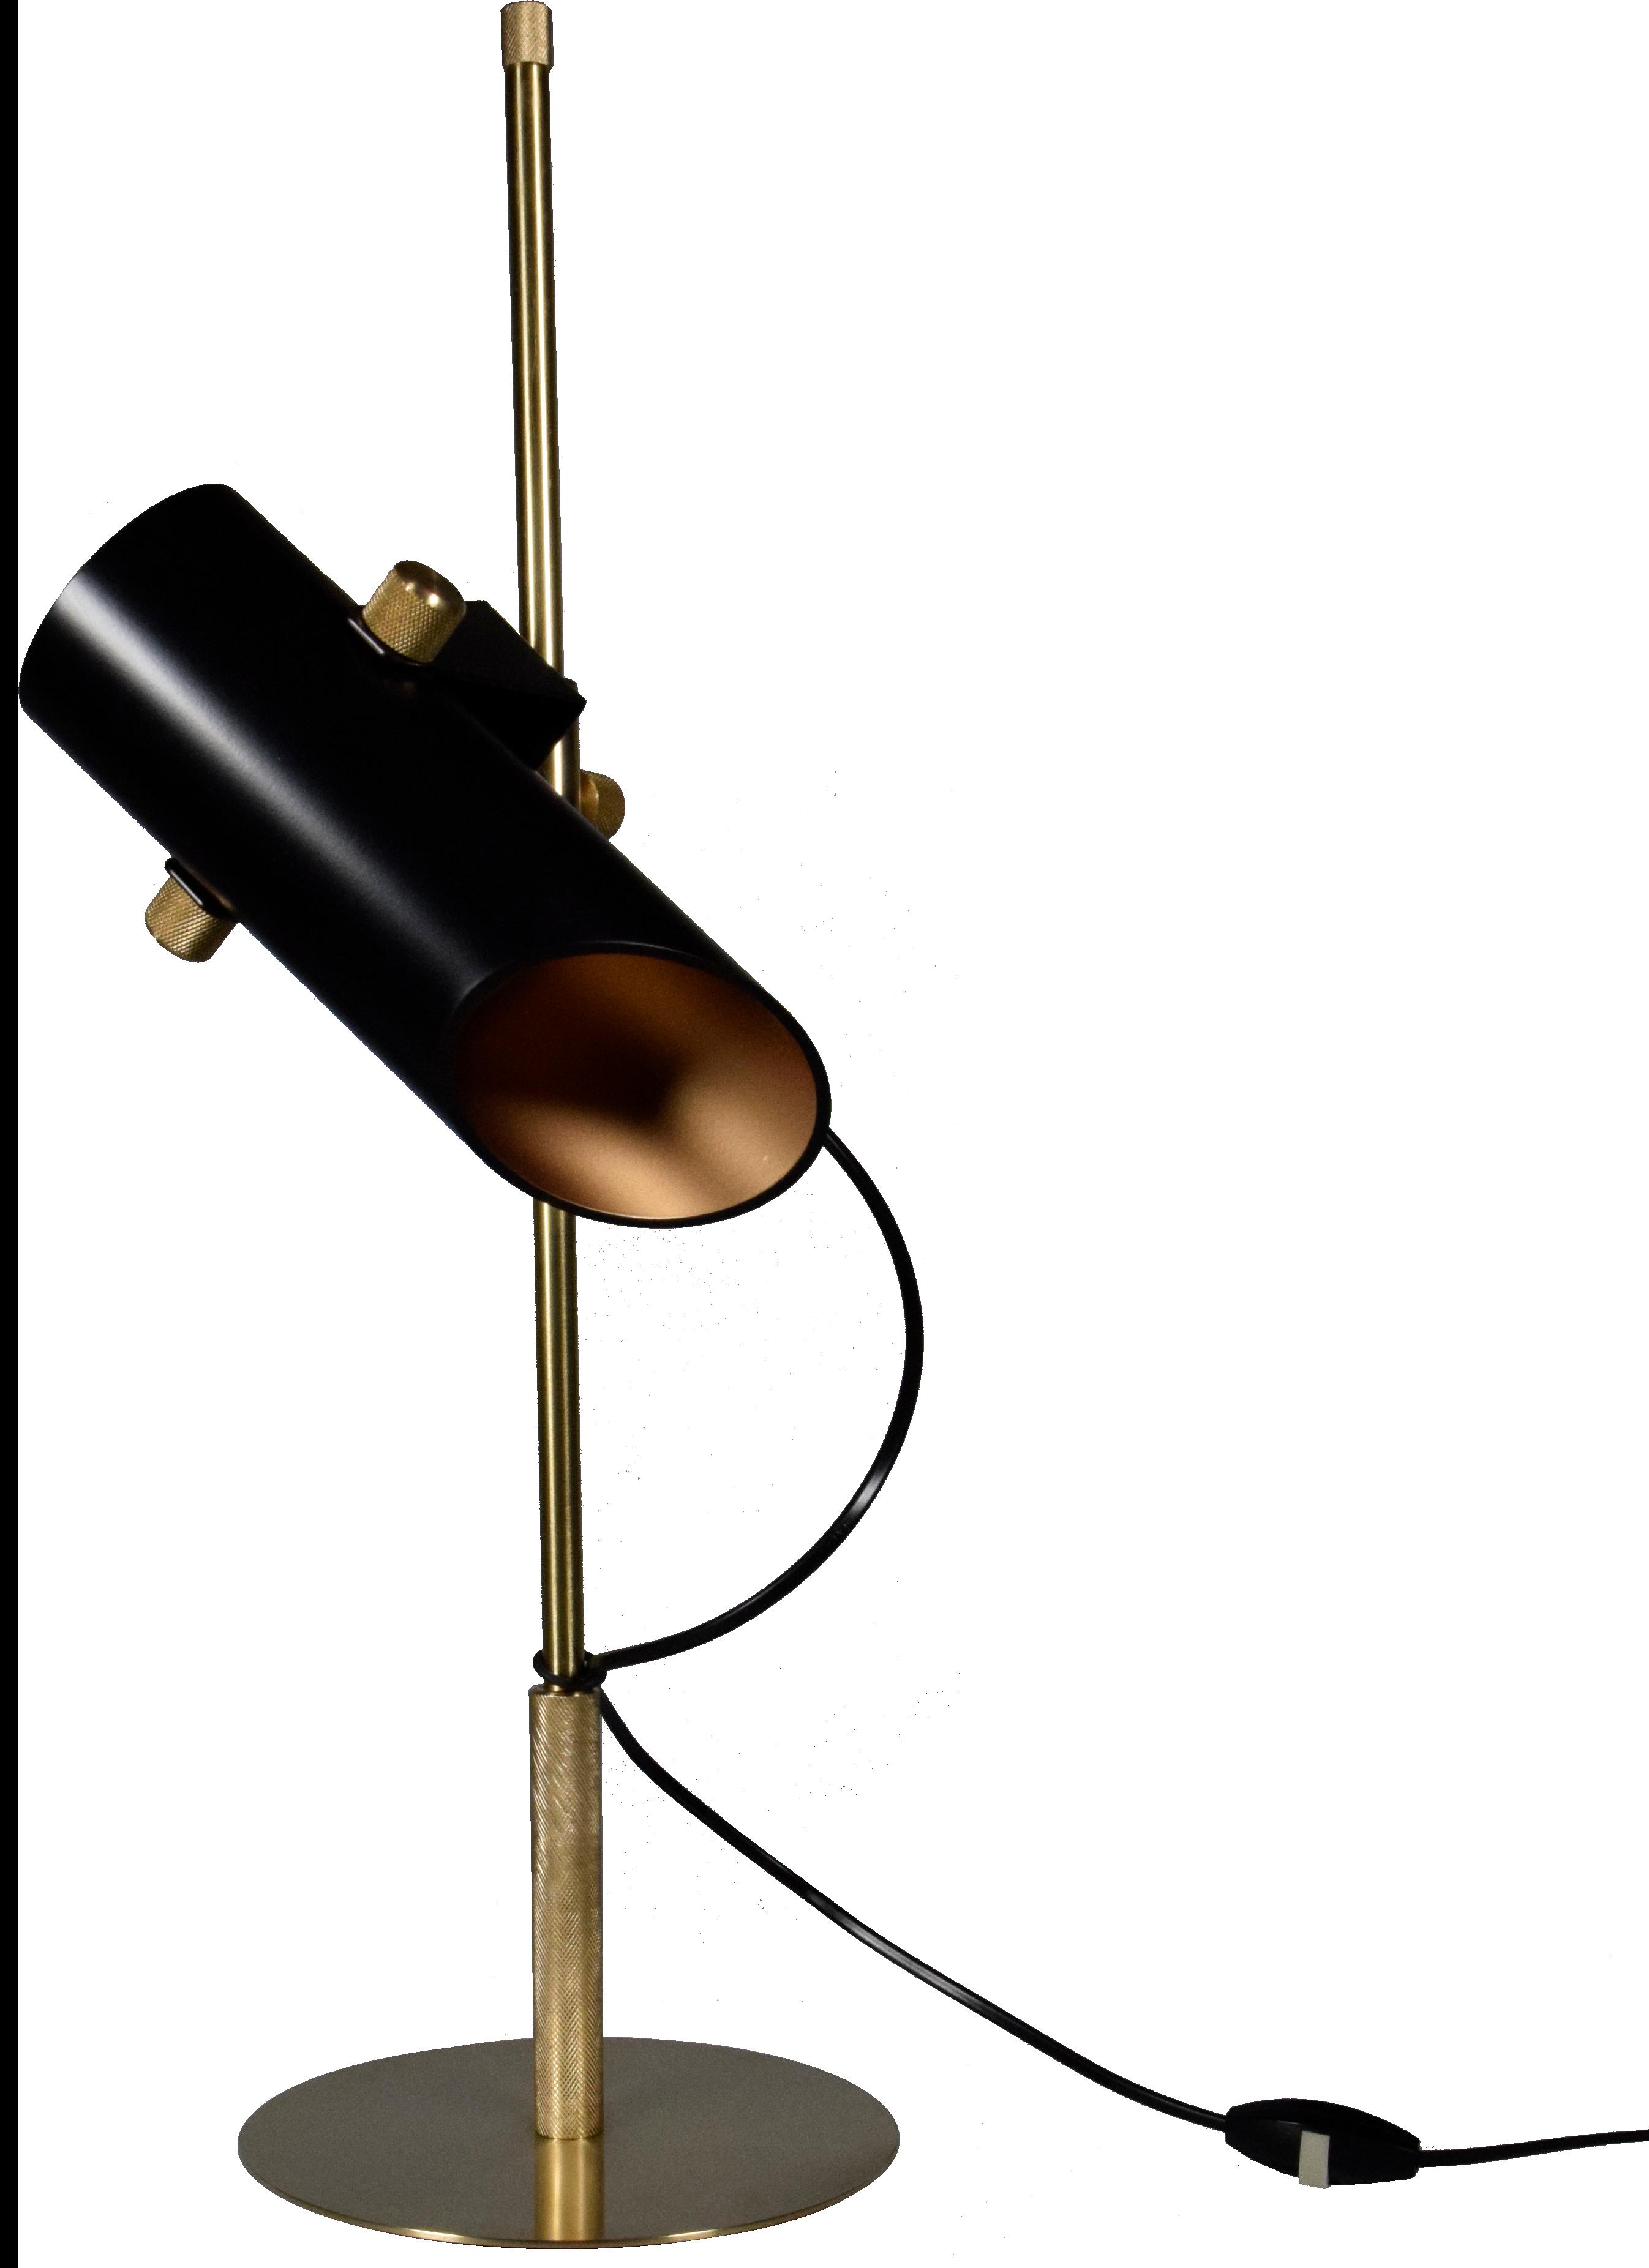 Structure En Laiton Massif Usine Tube Reflecteur En Aluminium Laque Noir Et Or Systeme De Boulon Qui Permet Un Lampes De Table Lampe Design Lampe De Lecture